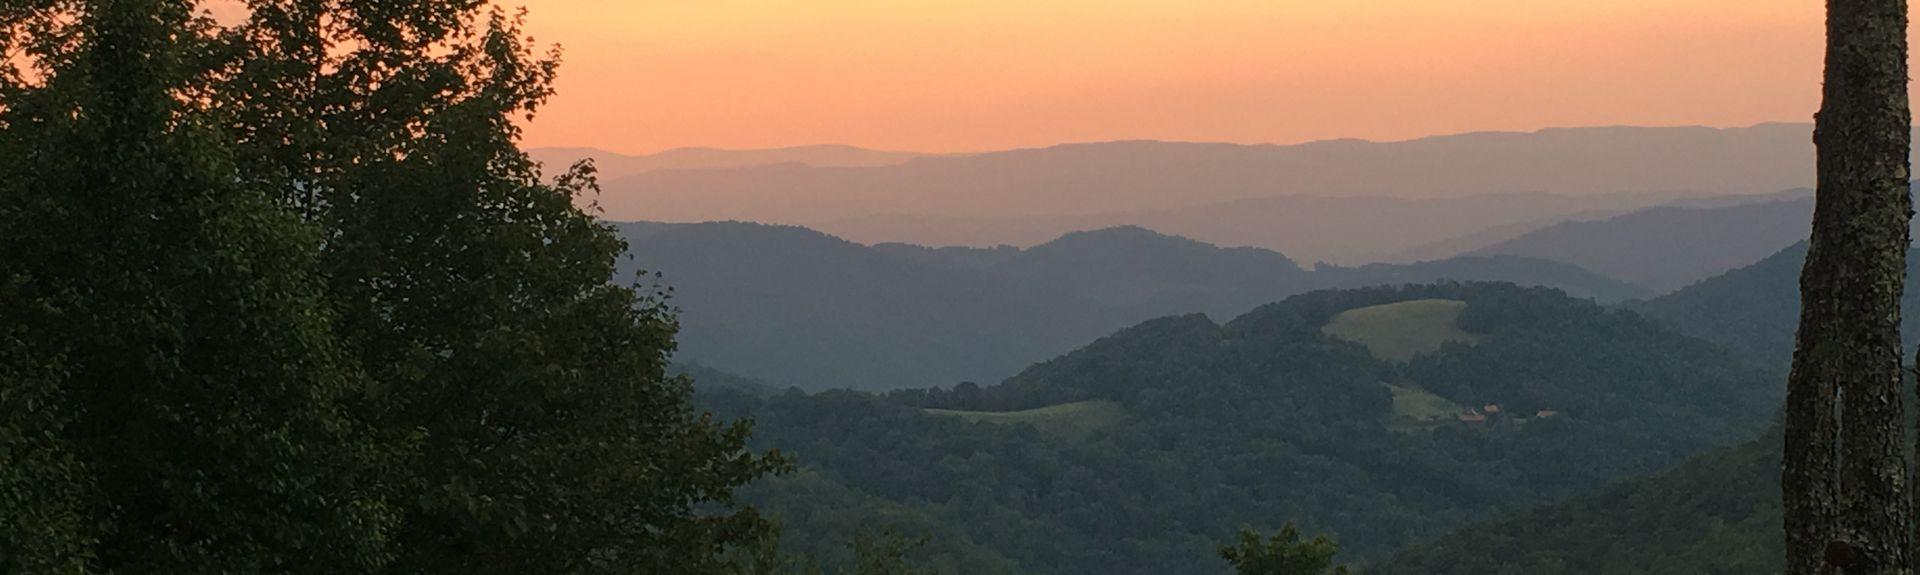 Roan Mountain, Tennessee, États-Unis d'Amérique